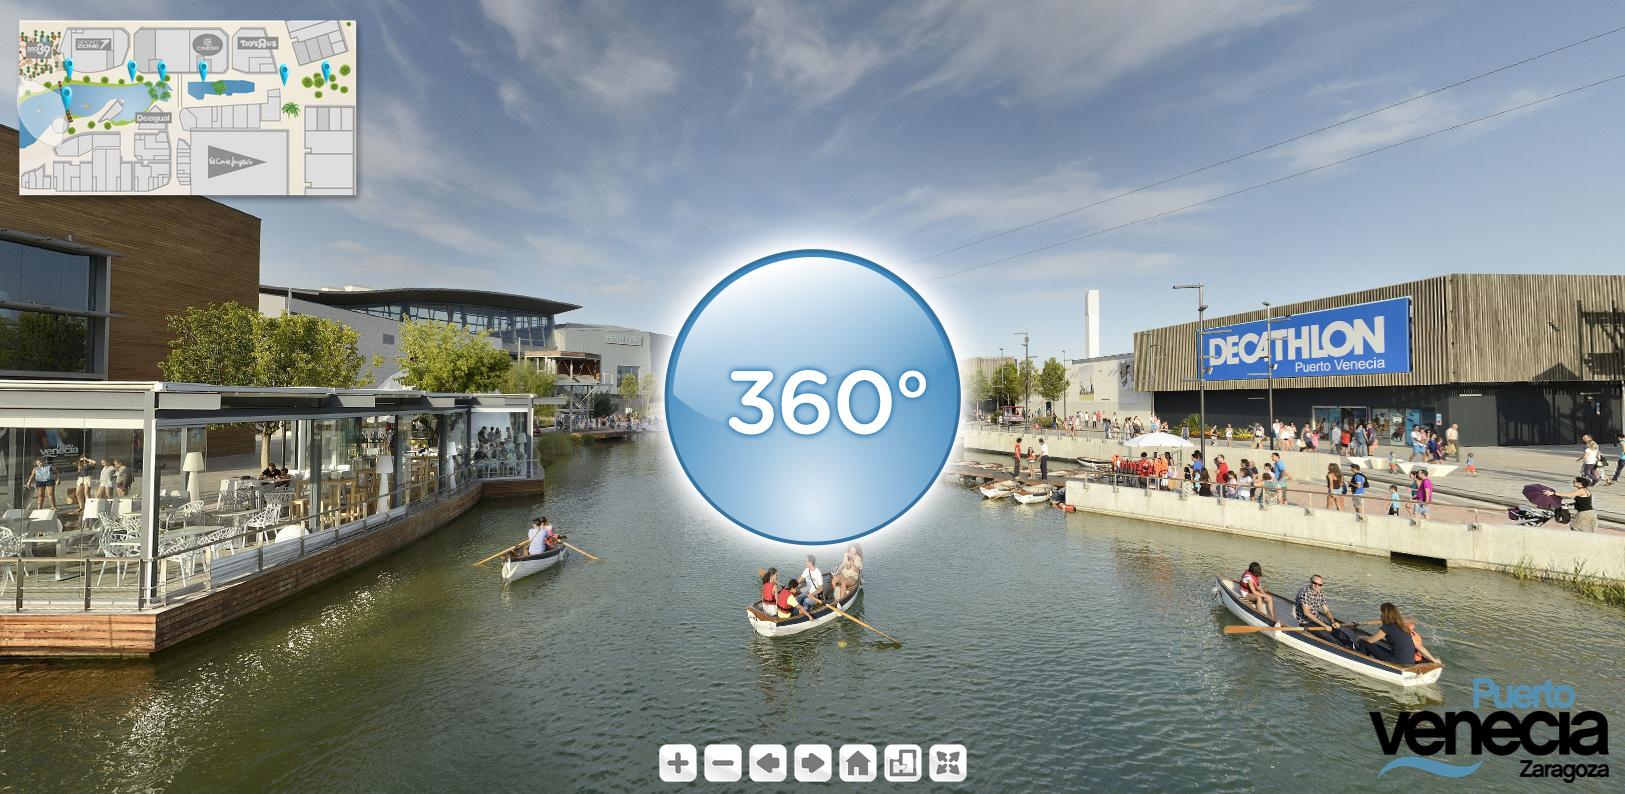 Puerto Venecia 360